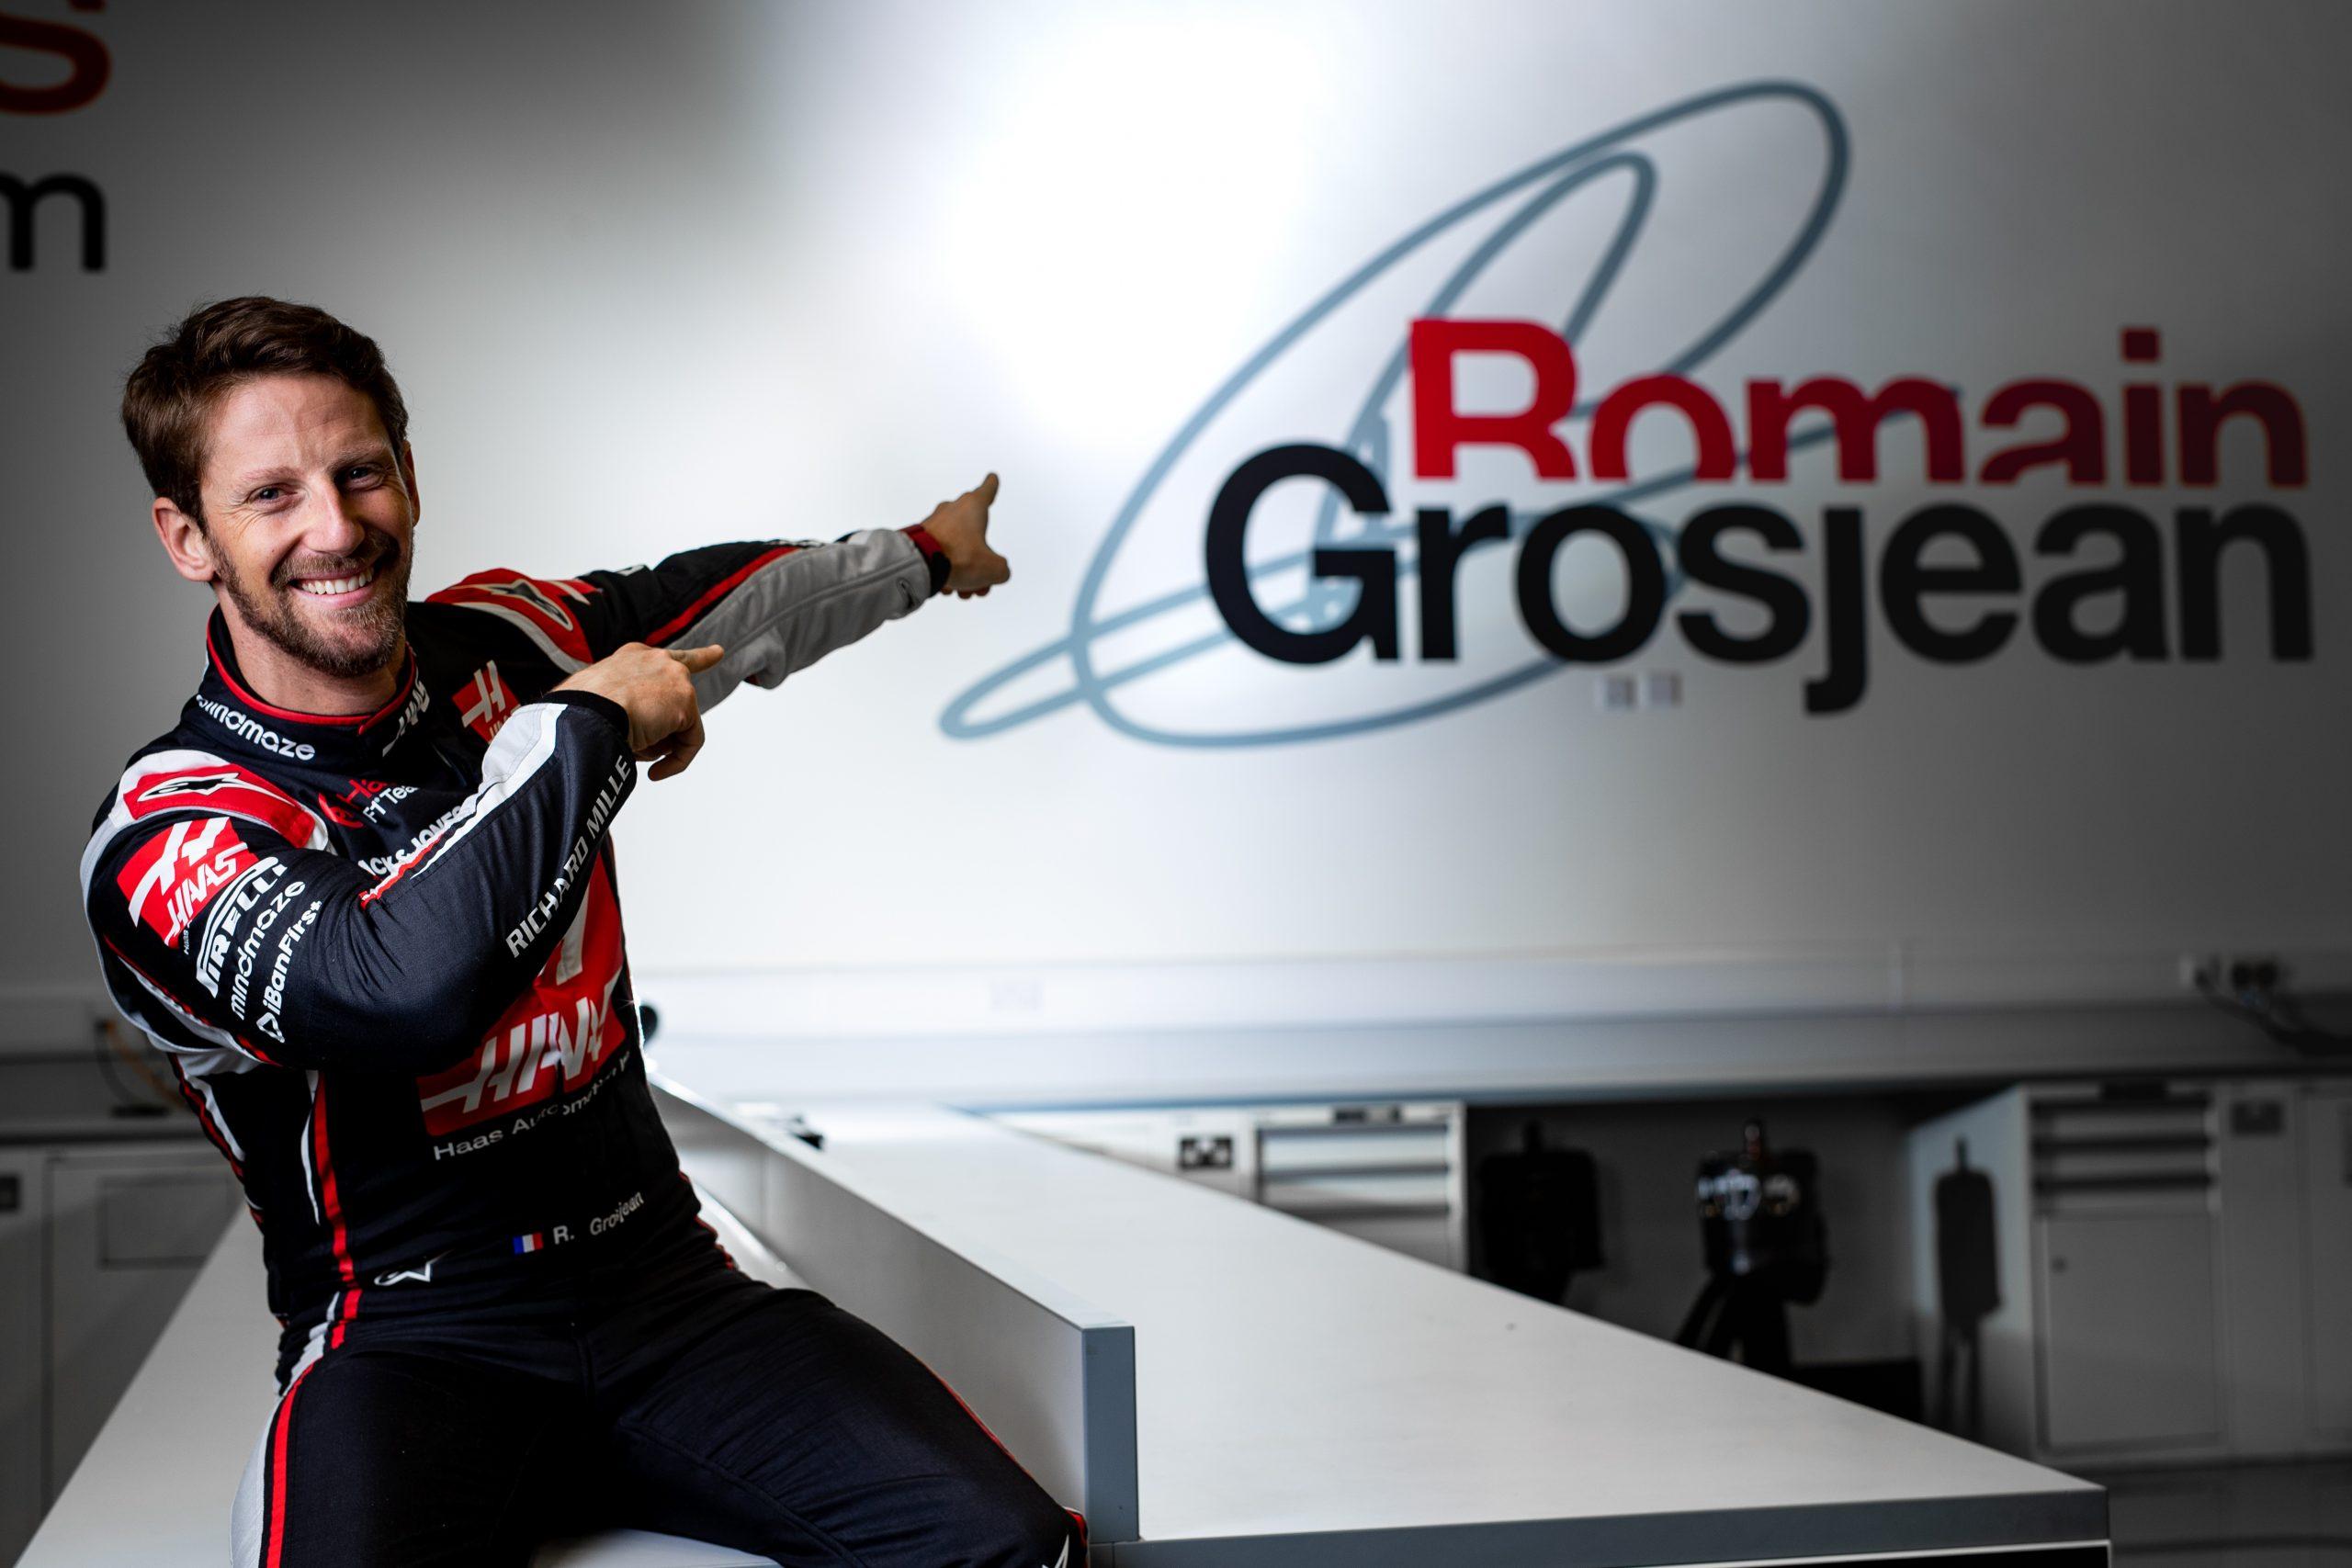 """Grosjean : """"Les essais c'est sympa, mais la course c'est bien mieux"""" 1"""